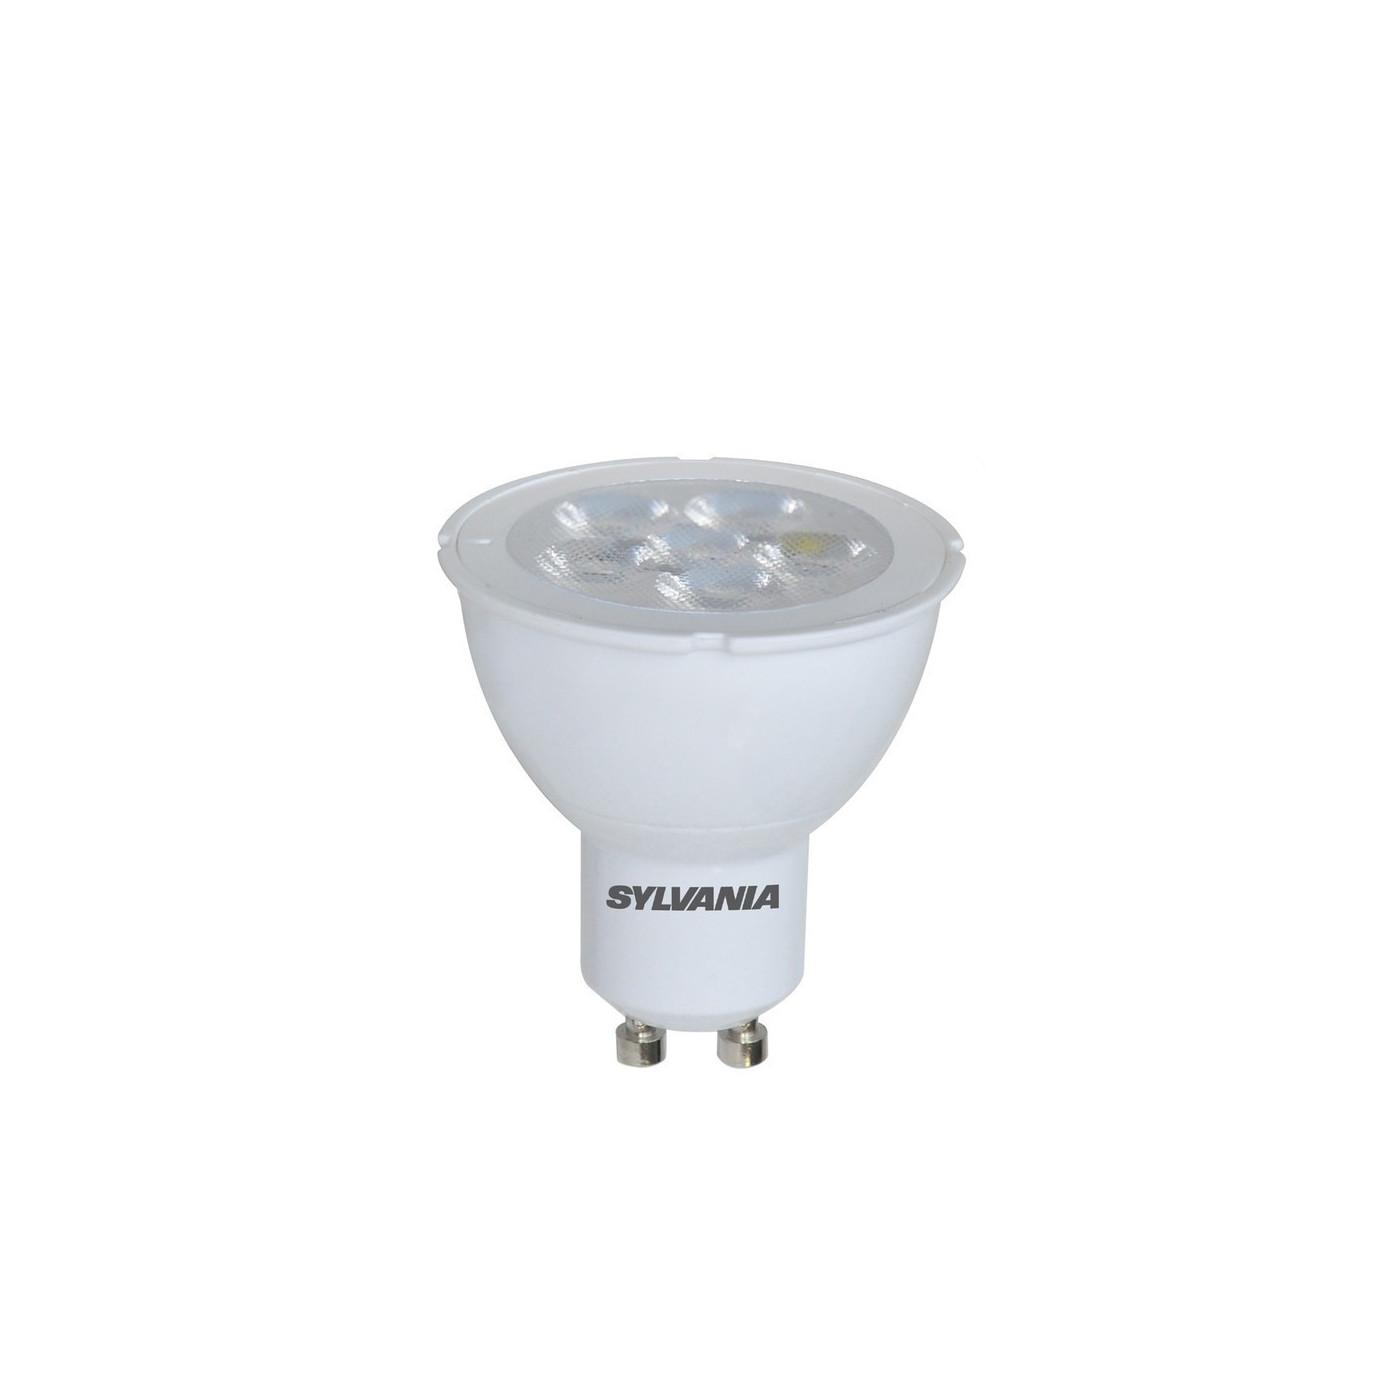 lampadina spot : ... Lampadina LED 5W GU10 220V 36? 345lm dicroica LED per faretti spot